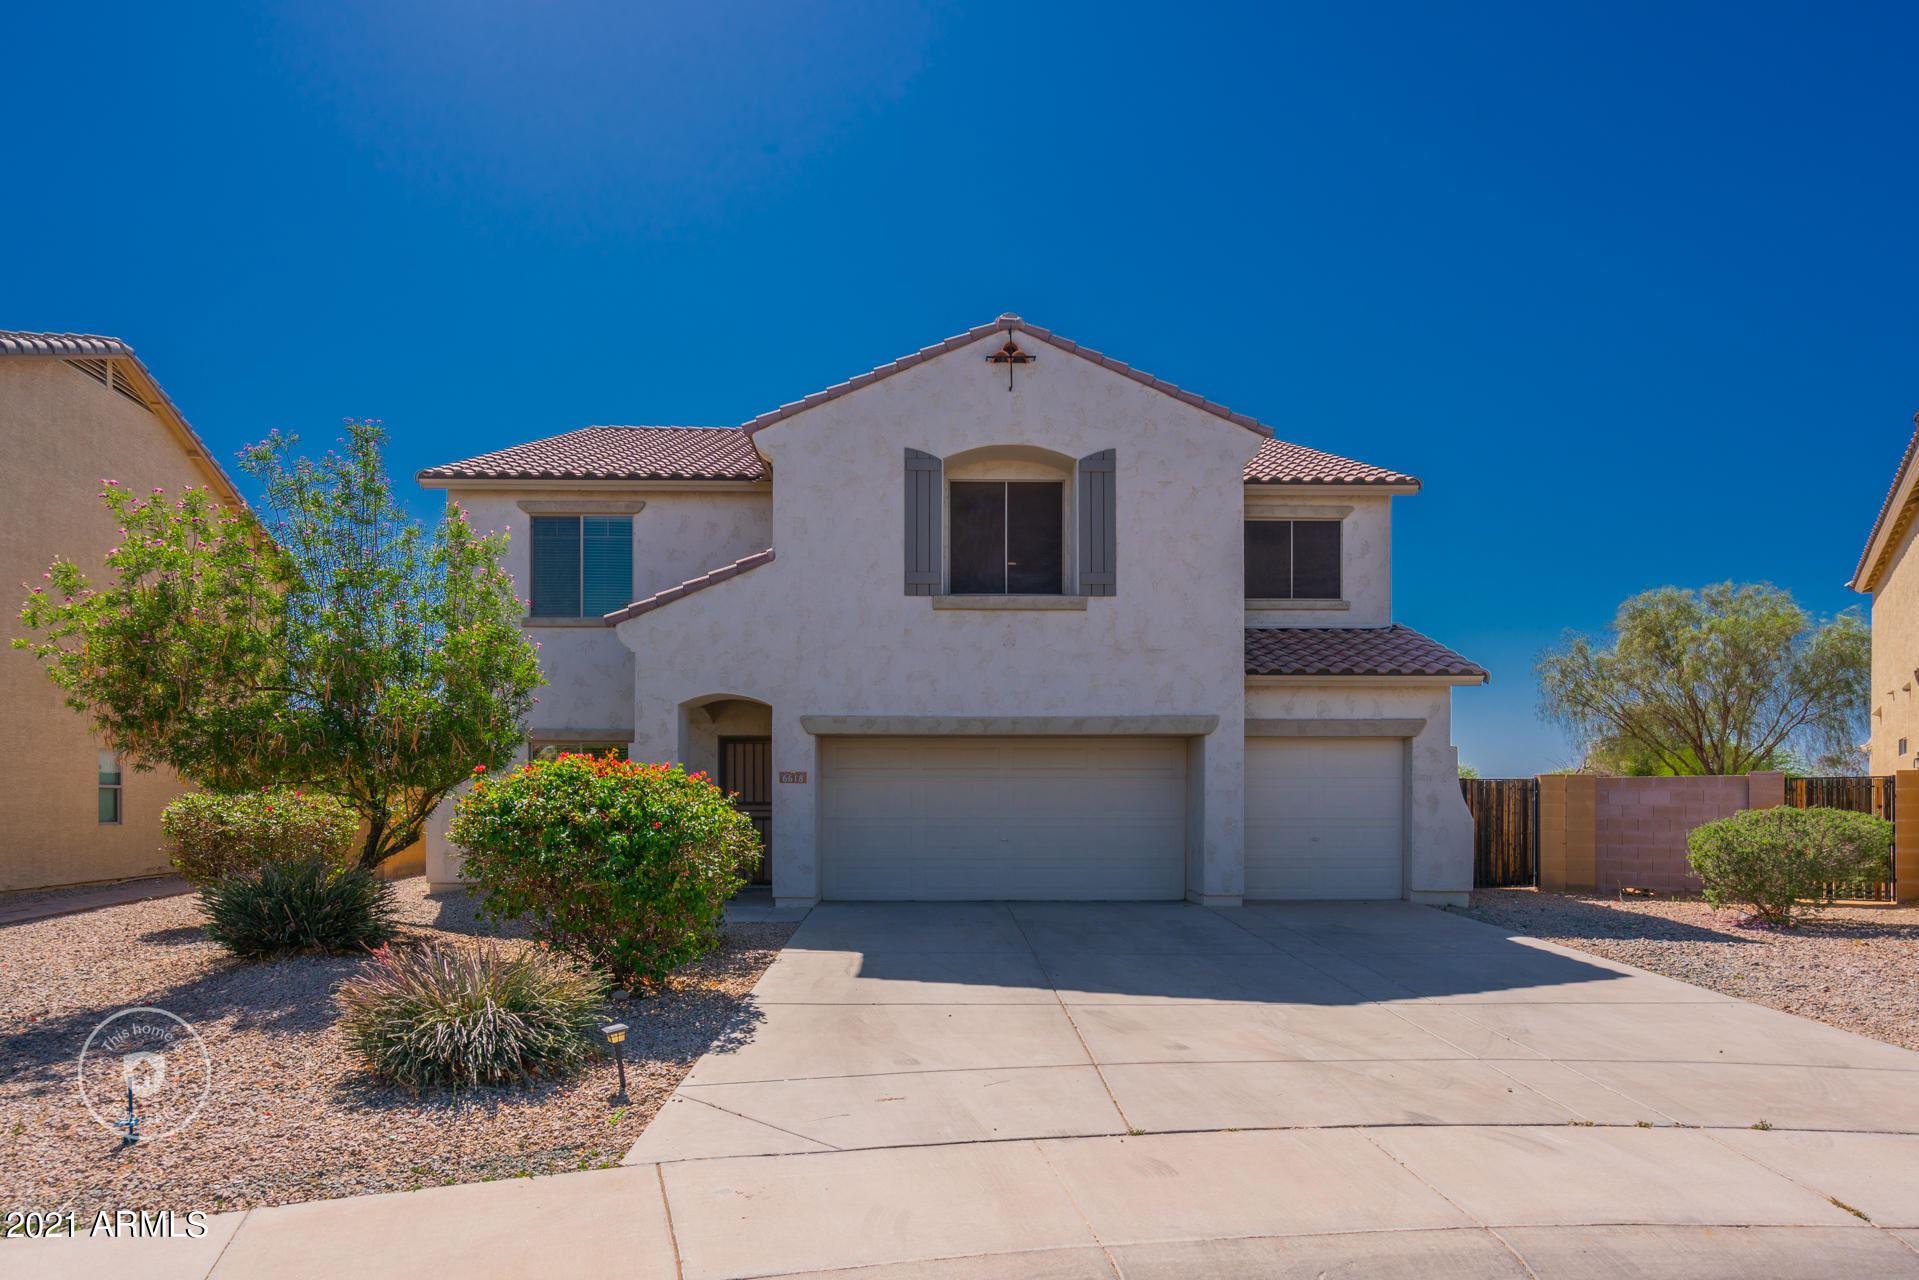 6618 S 54TH Lane, Laveen, AZ 85339 - MLS#: 6234288